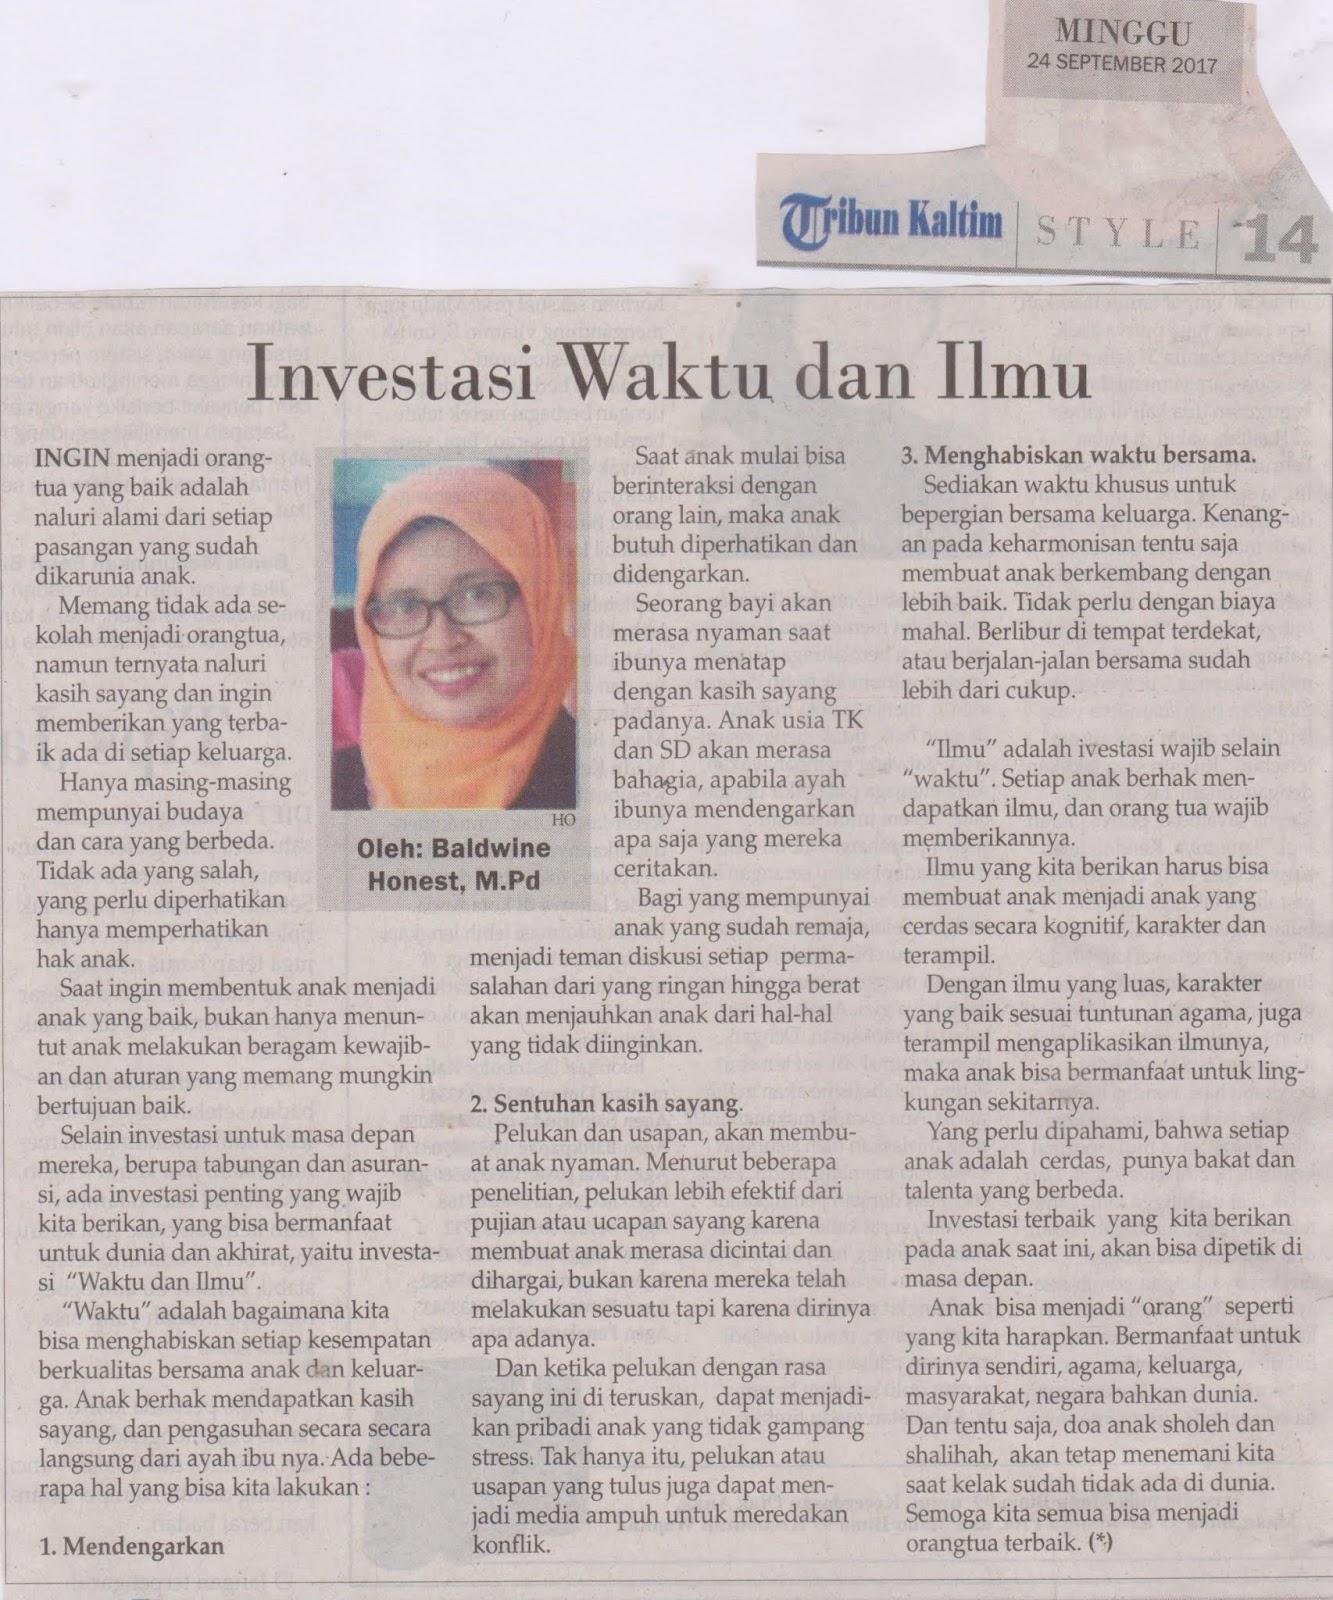 7 Jenis Investasi Terbaik Dalam Islam Sesuai Anjuran Alquran dan Alhadis